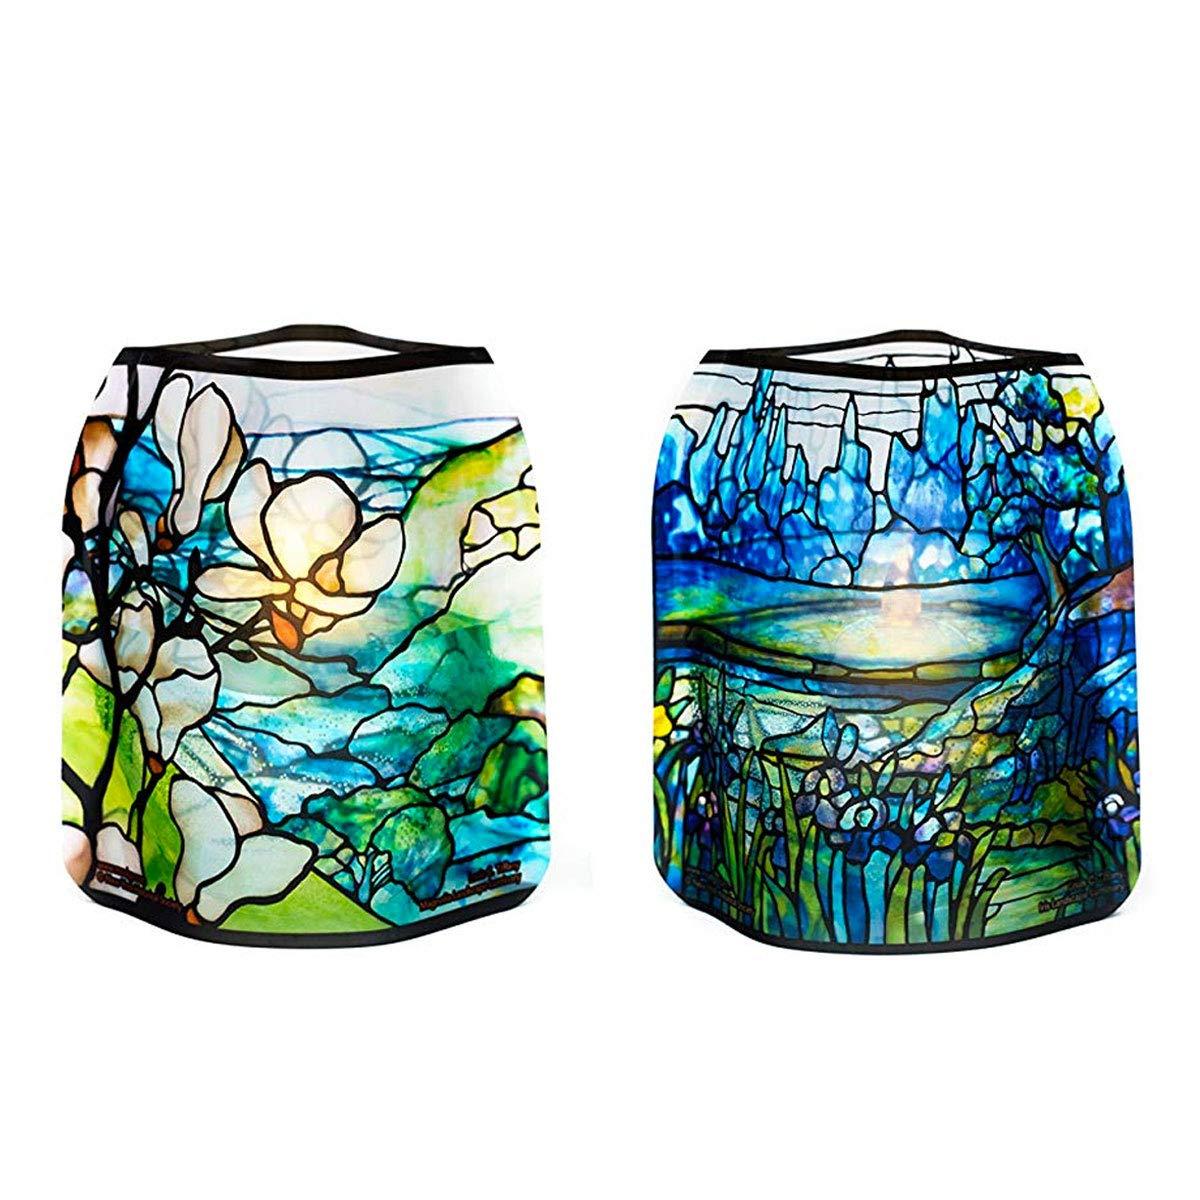 MODGY Tiffany Luminary Set - Magnolia & Iris